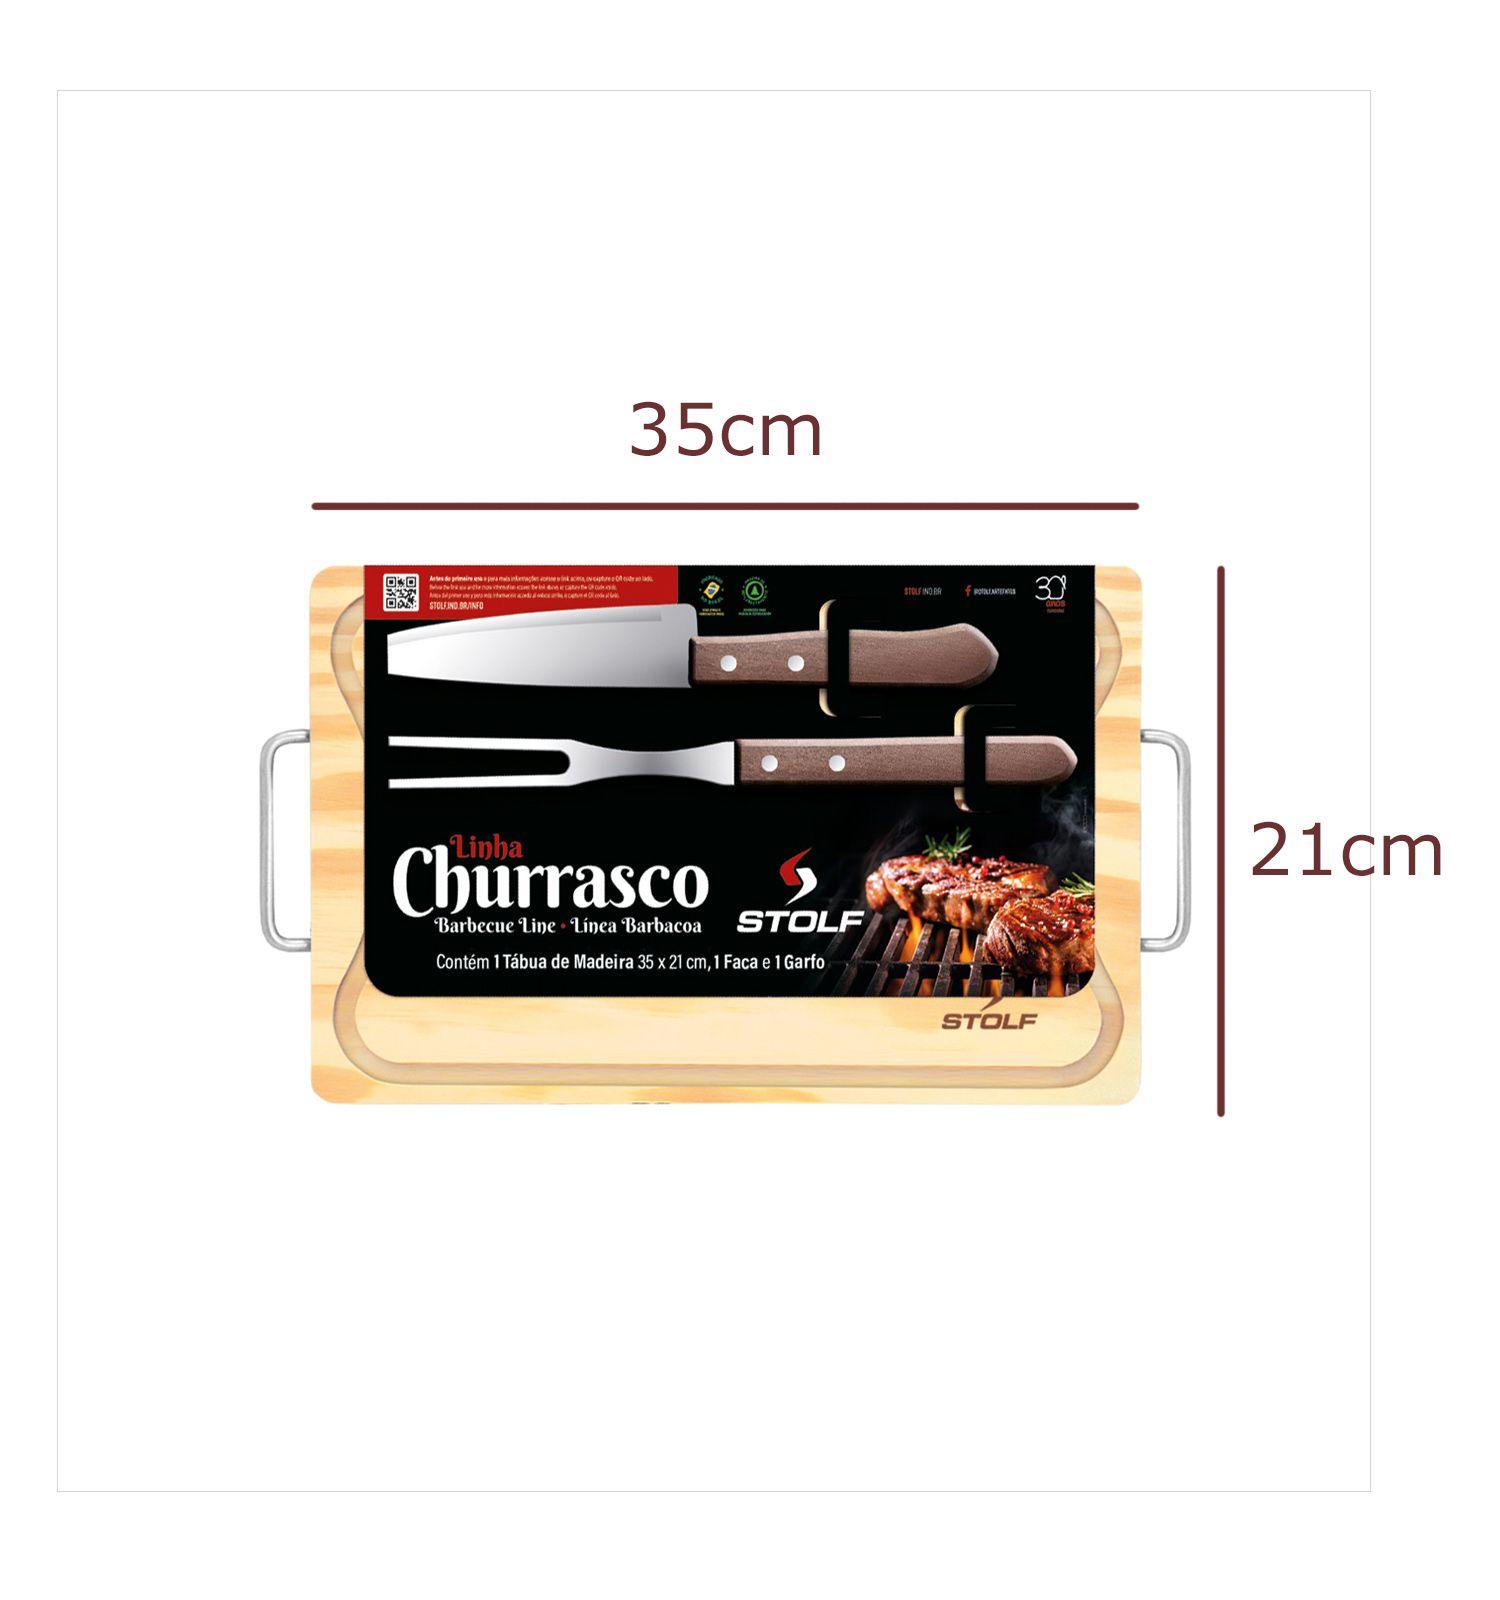 Kit Churrasco Pinus 35x21